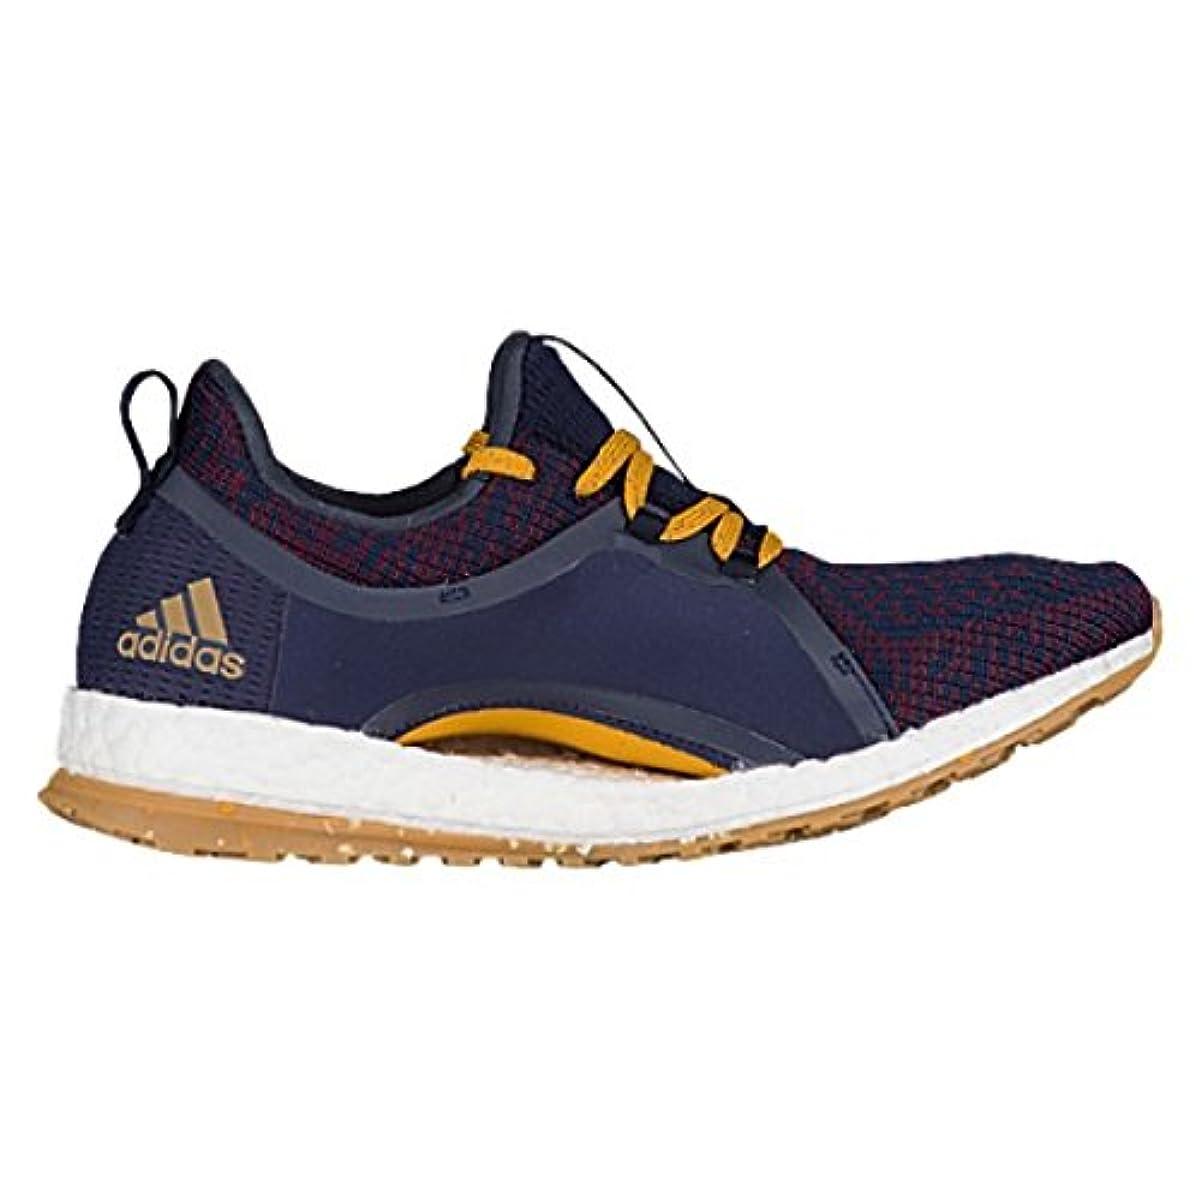 トリップバリケード名前(アディダス) adidas レディース ランニング?ウォーキング シューズ?靴 Pure Boost X All Terrain [並行輸入品]